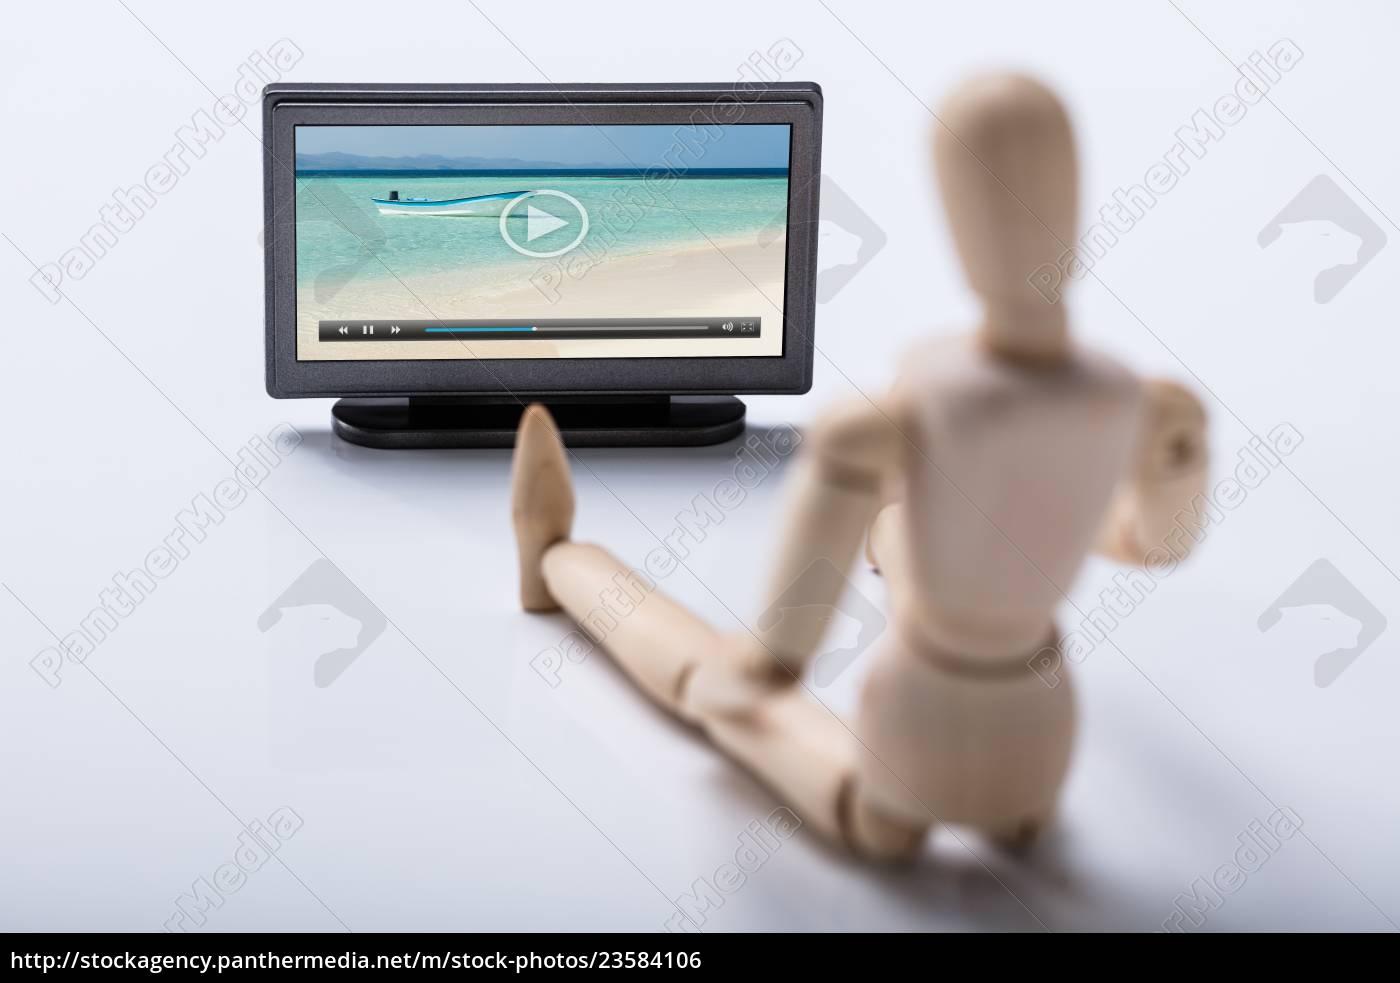 drewniana, postać, oglądająca, wideo, w, telewizji - 23584106